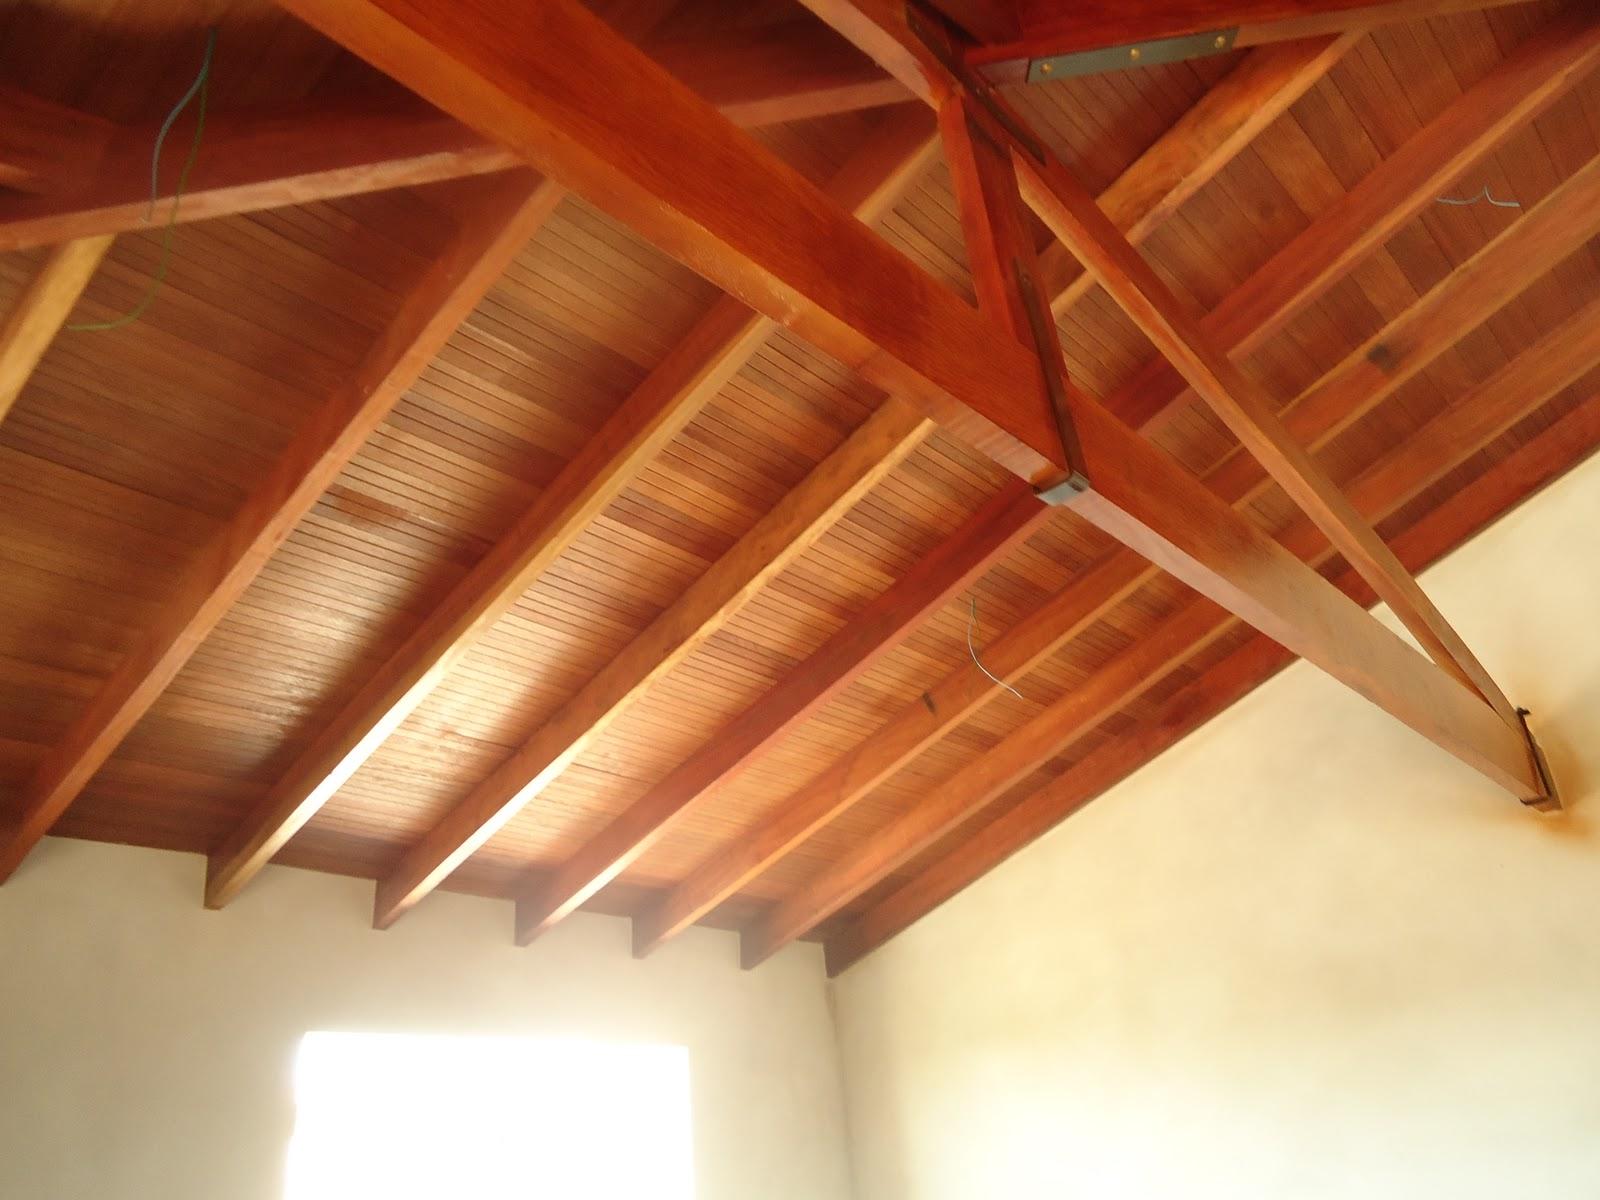 sonho: Telhado quase concluído e presentinho para casa nova #471409 1600x1200